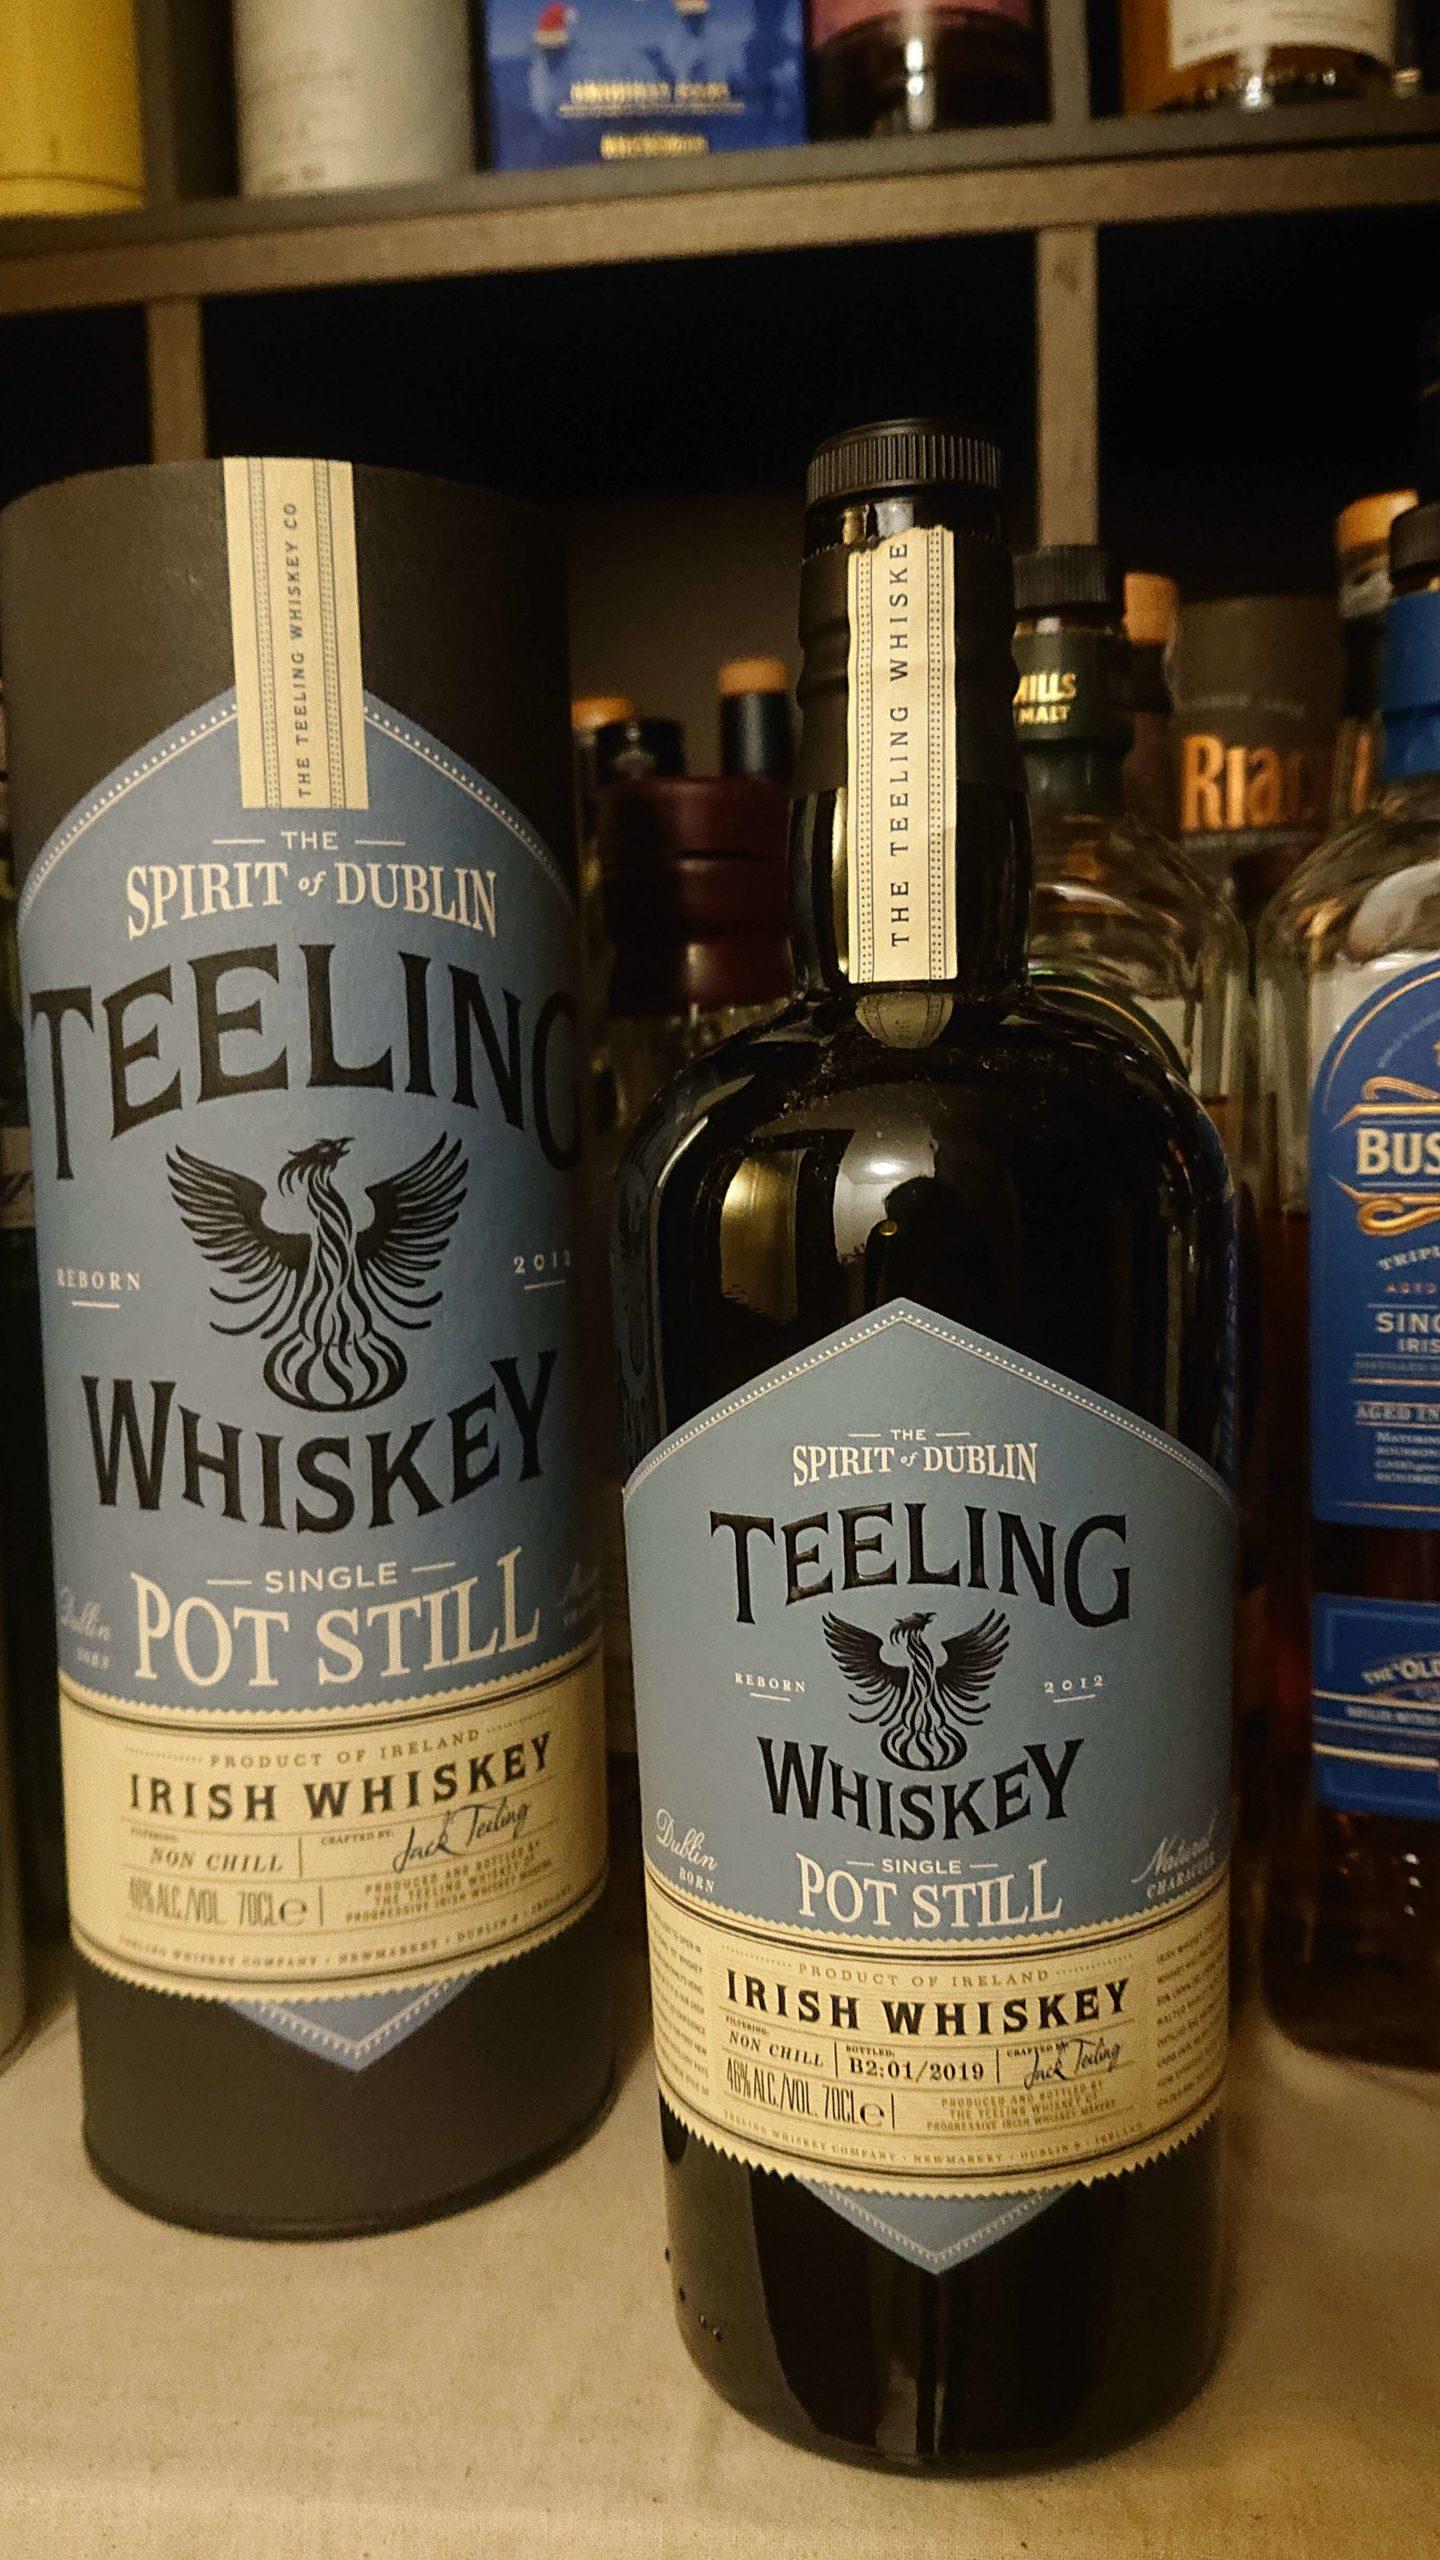 ティーリング・シングルポットスティルウイスキーのテイスティング&レヴュー・名家の伝統を受け継ぐ新鋭が放つ、新しいアイリッシュポットスチルウイスキーの形